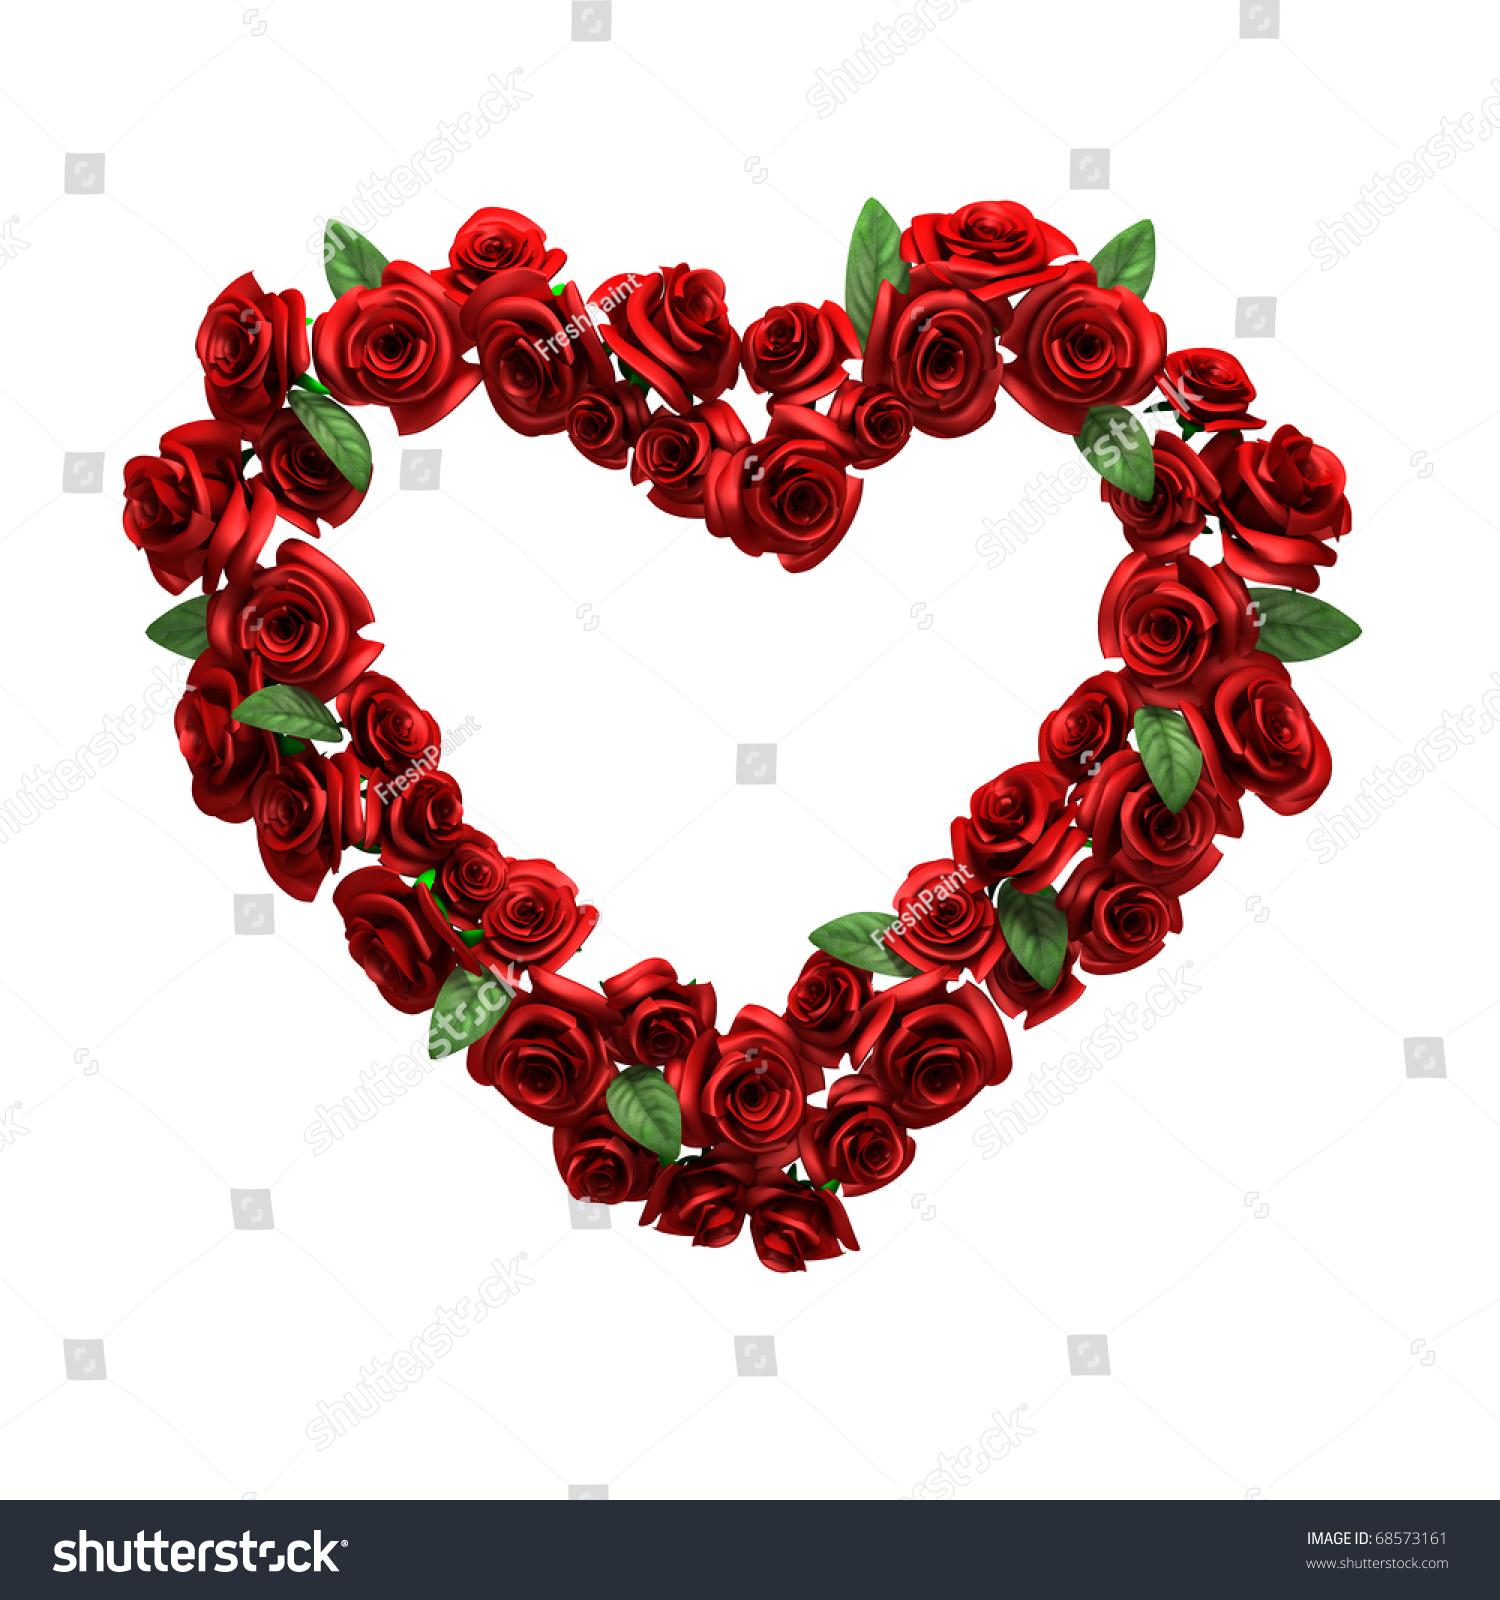 Red Rose Frame Form Heart Stock Illustration 68573161 - Shutterstock